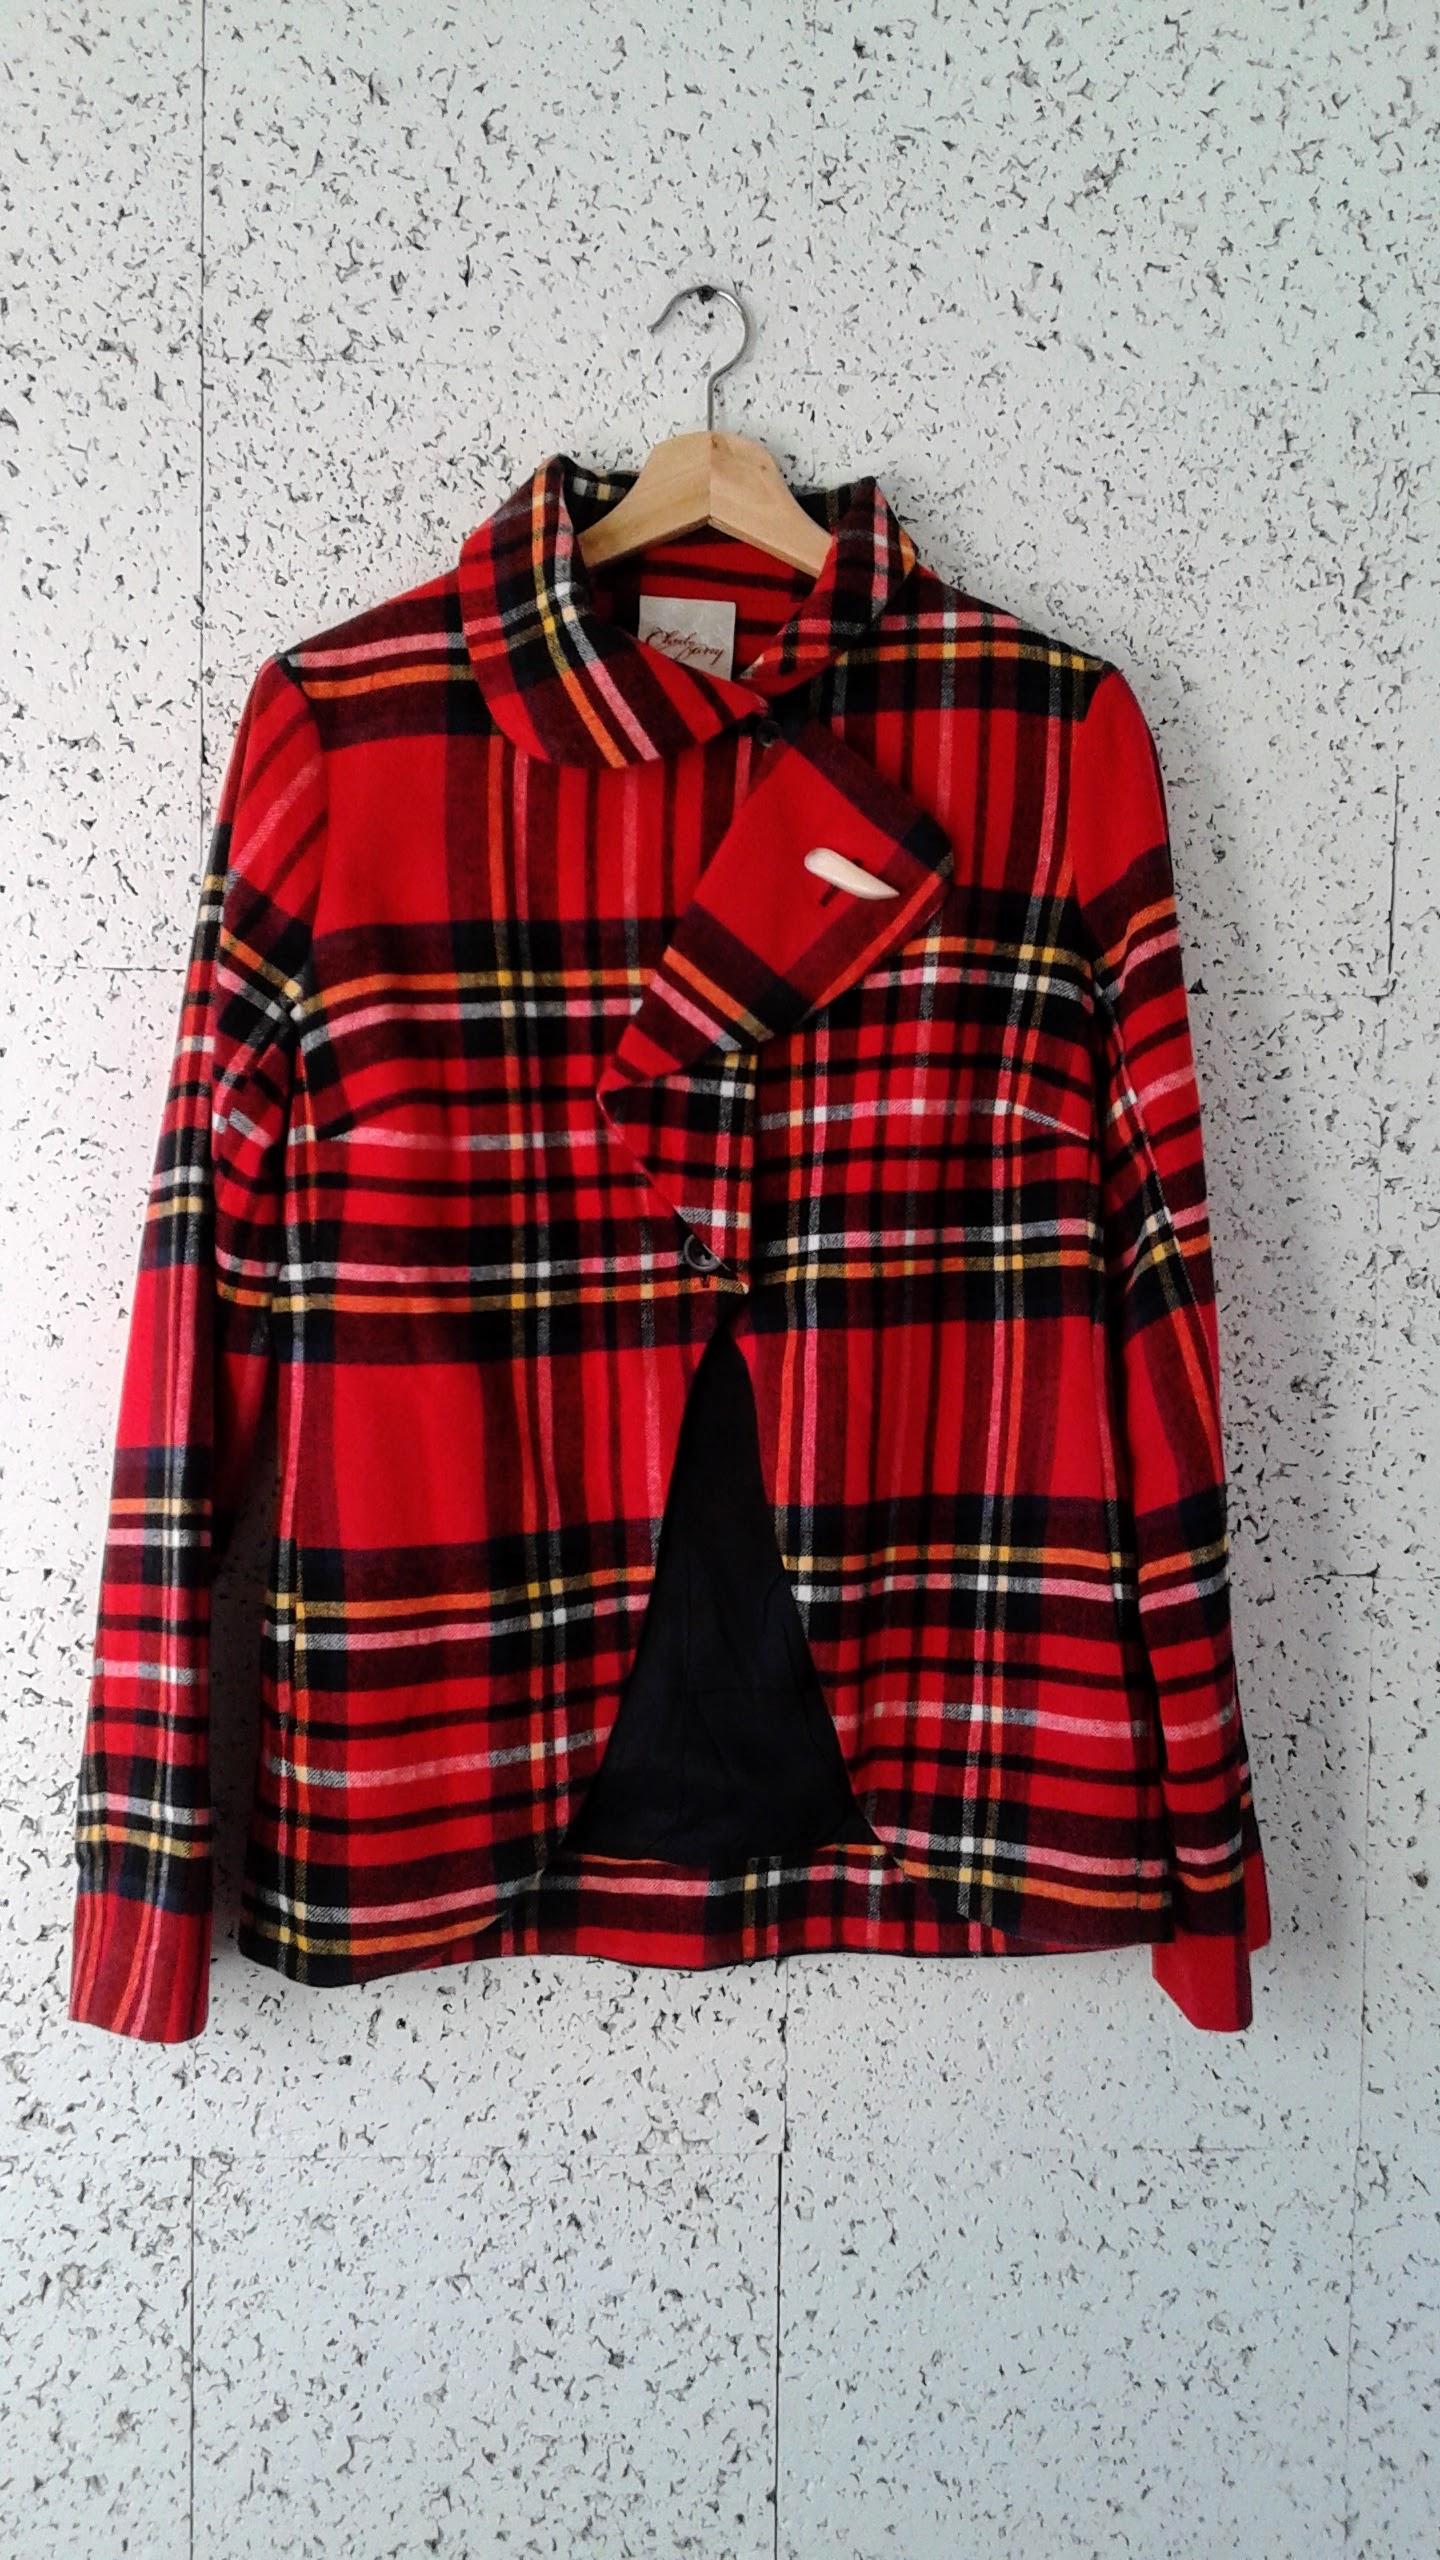 Chulo Pony jacket; Size M, $45